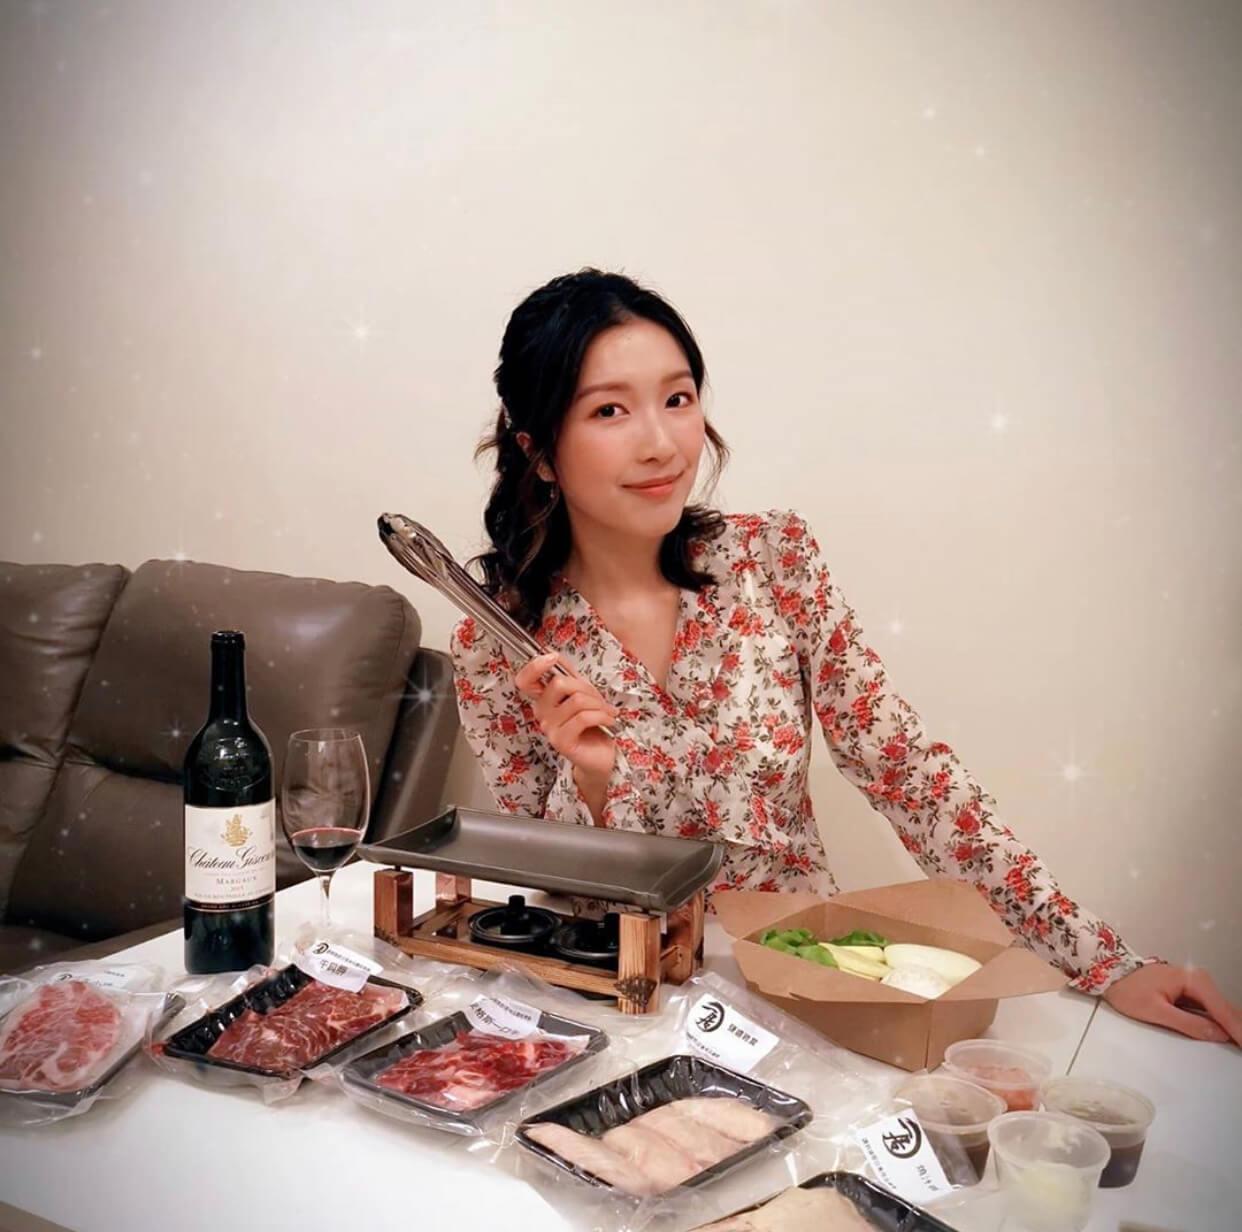 最近因疫情大家也留在家中,郭嘉文亦下廚,更叮囑大家乖乖在家防疫。